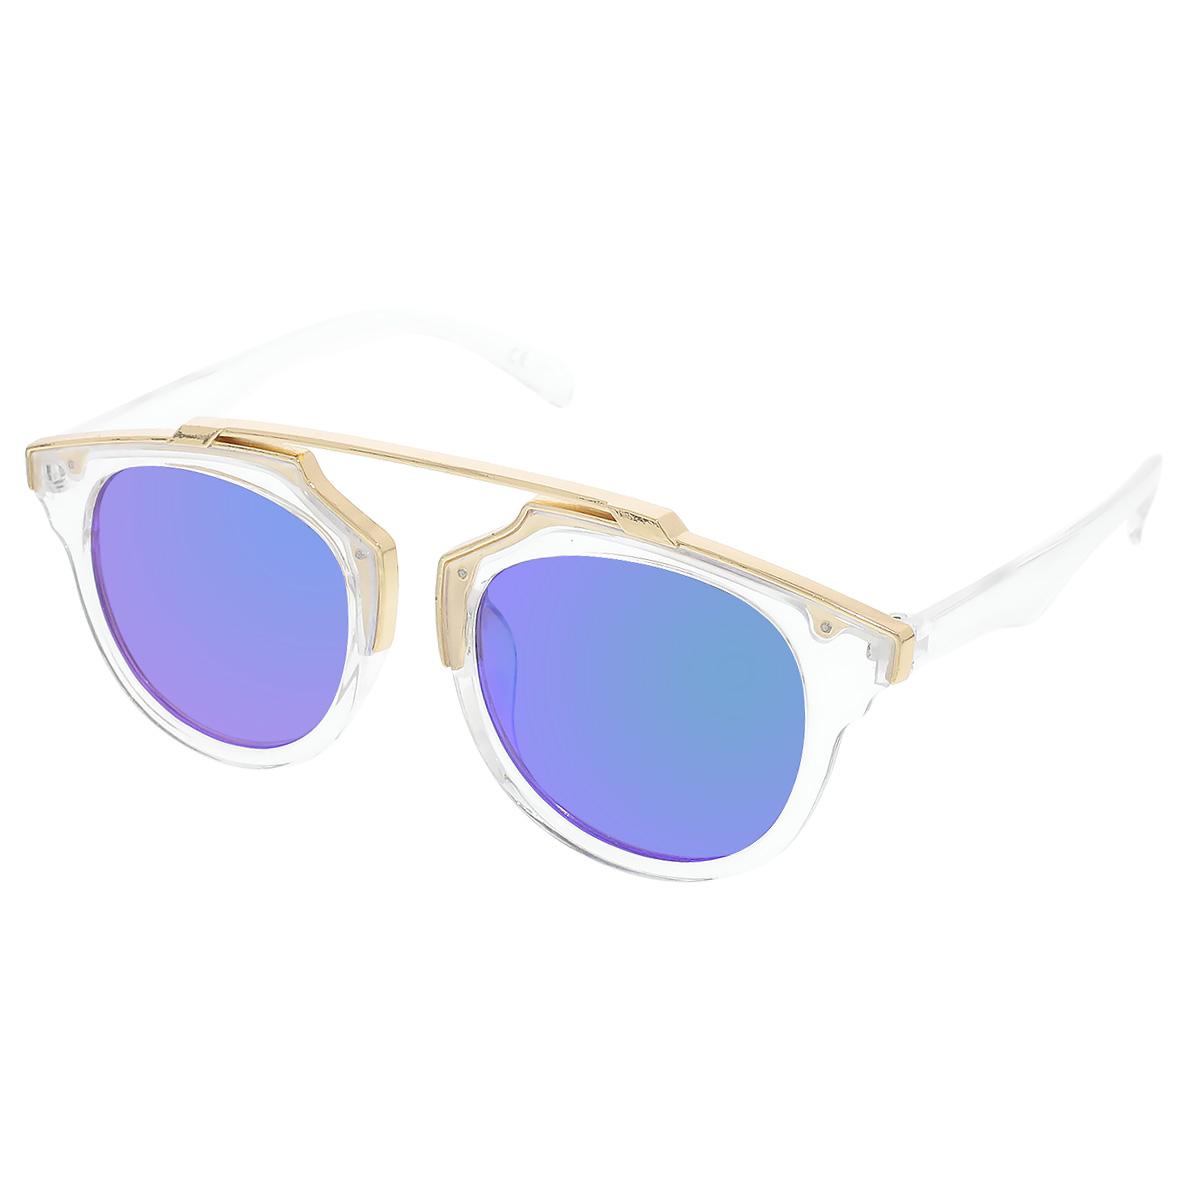 b445877af VeyRey Sluneční brýle Weight pruhledné obroučky zelená skla - Glami.sk